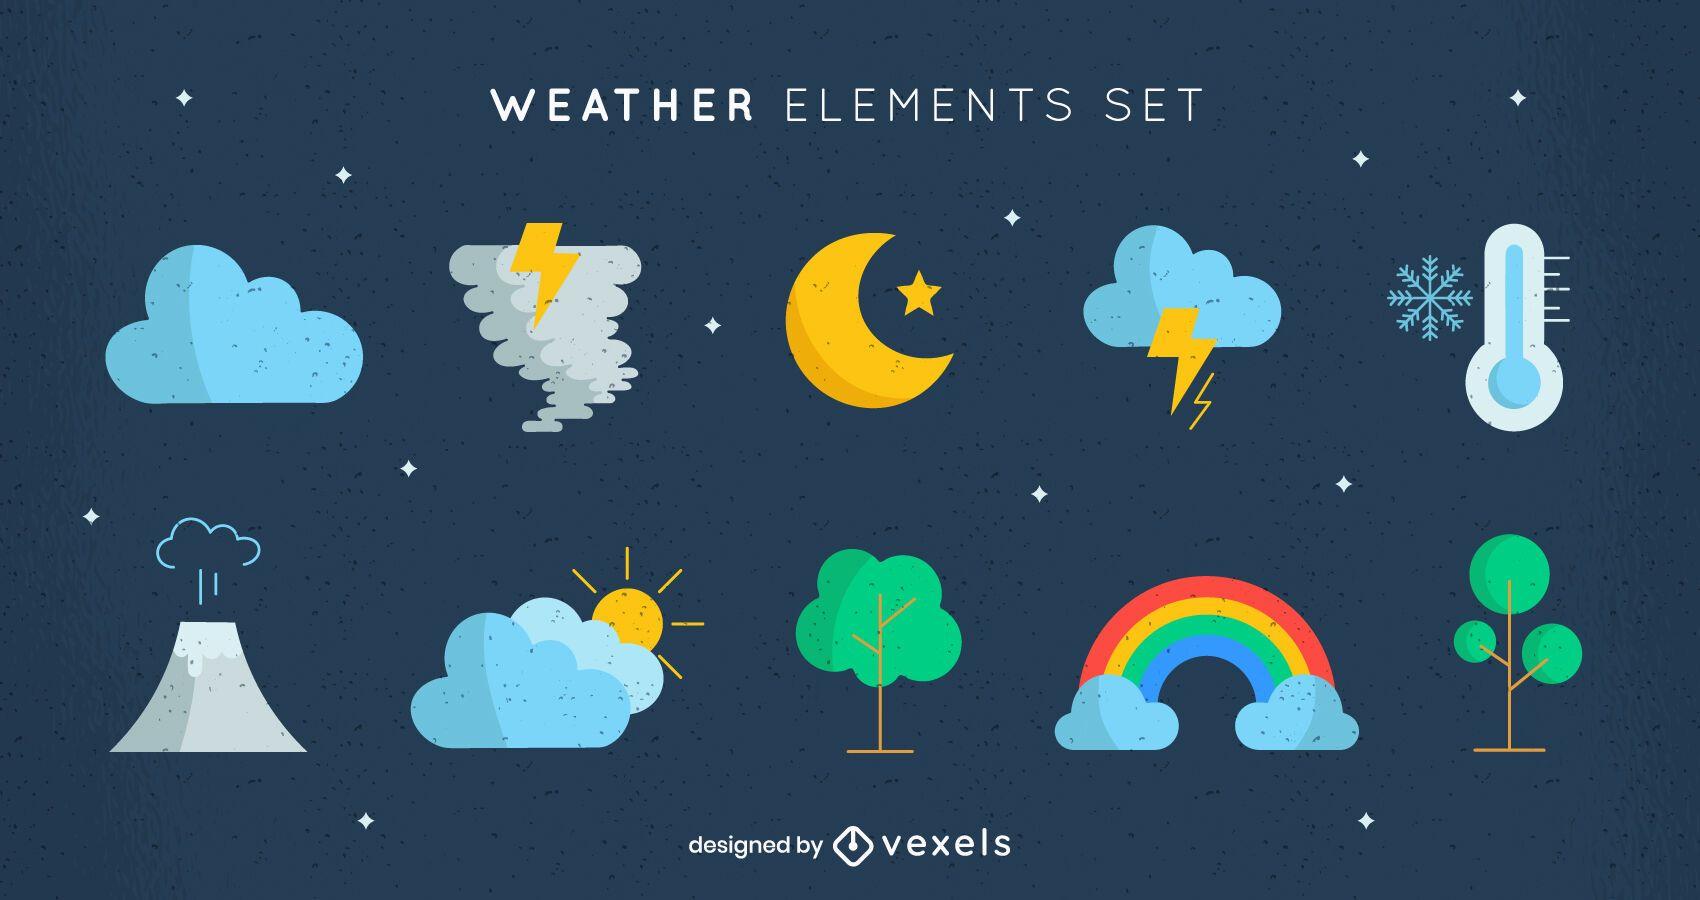 Tipos de elementos de la naturaleza climática.